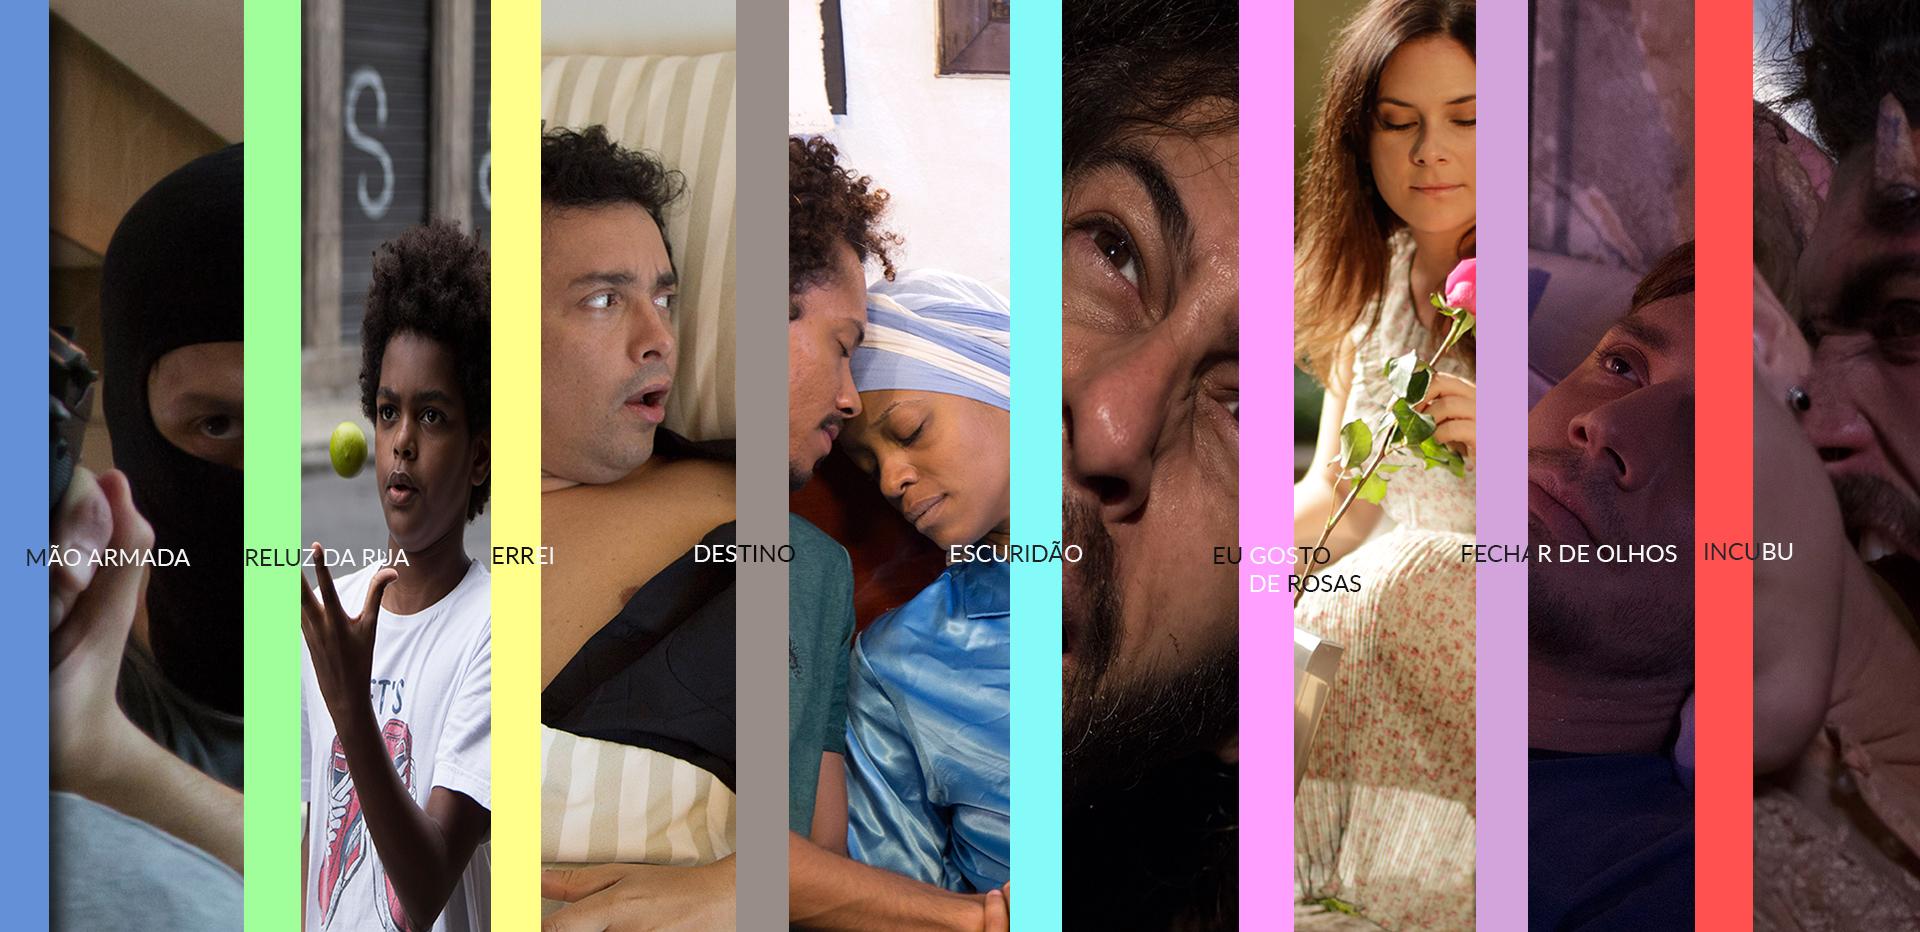 arte_miniatura_trailer_temporada2